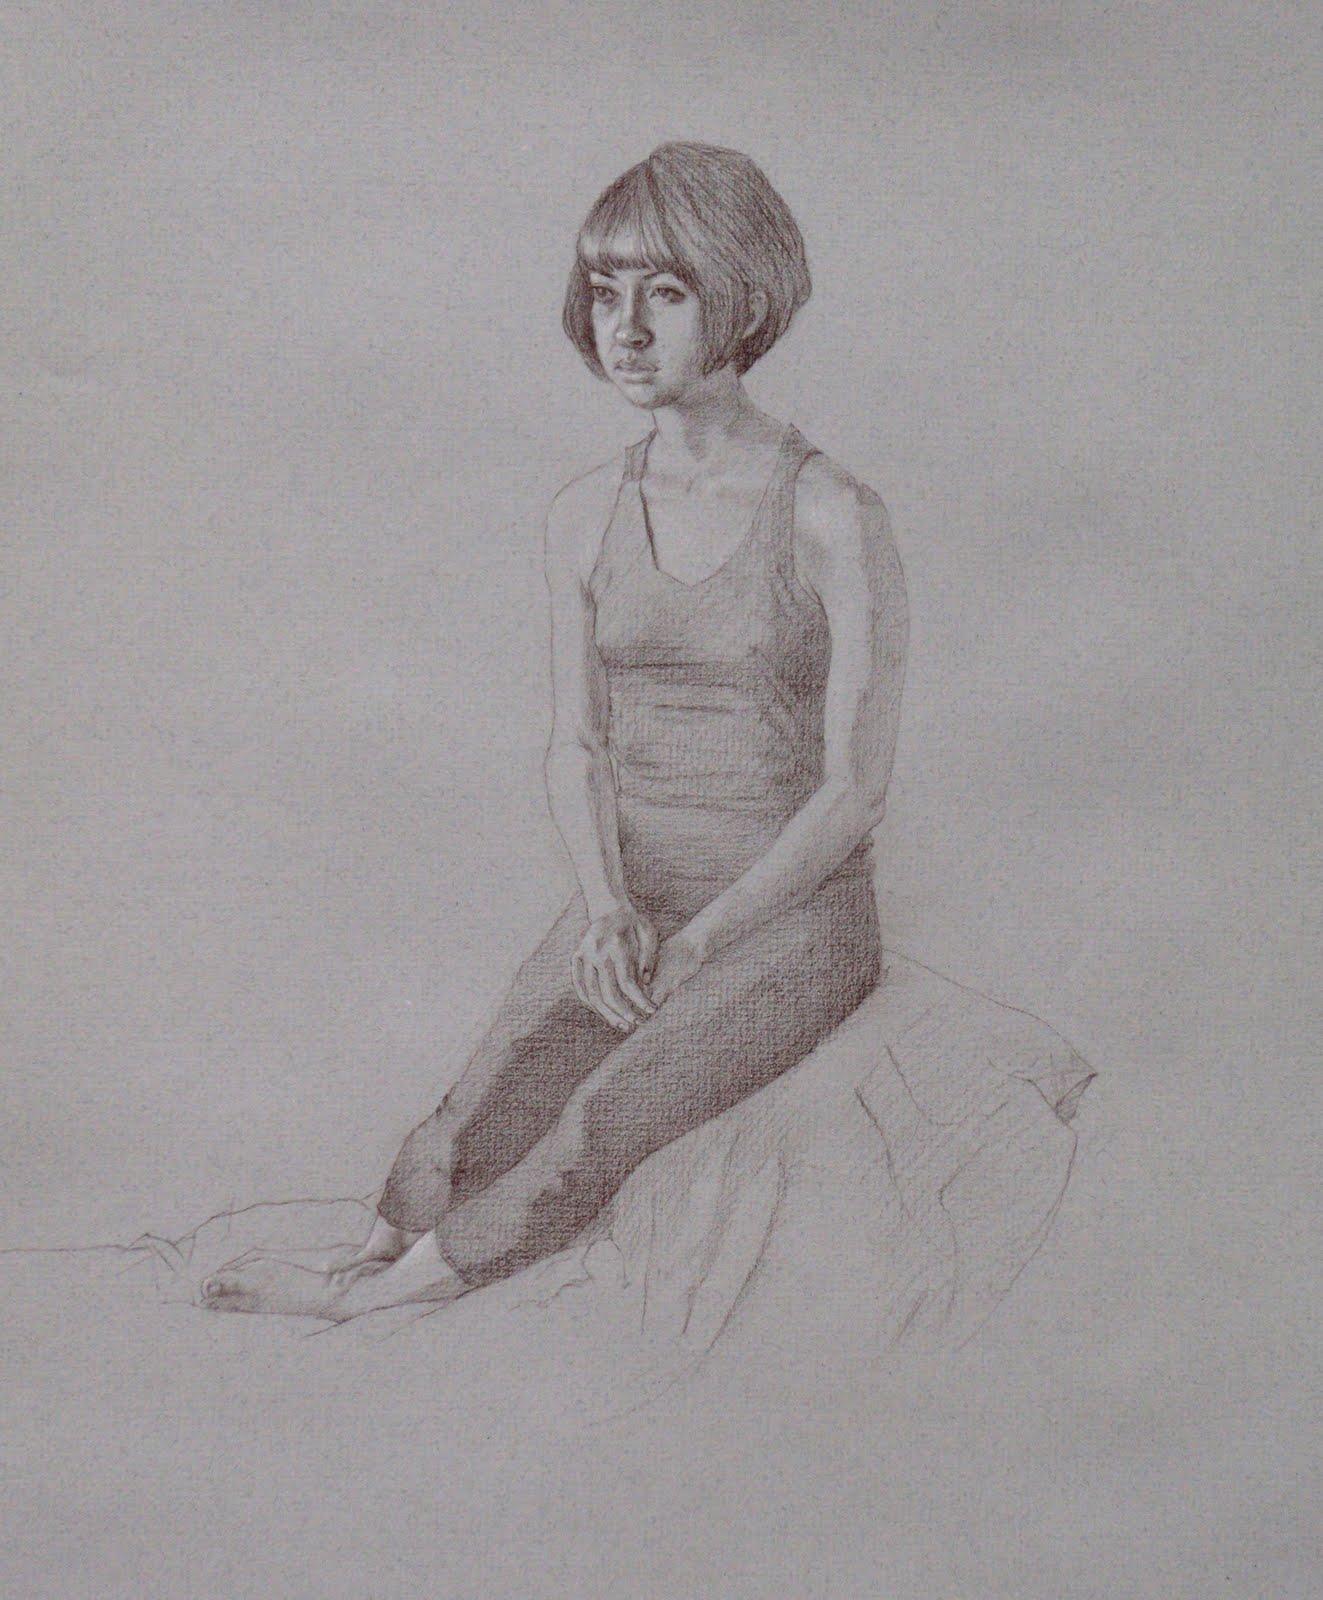 http://2.bp.blogspot.com/_YWKuaxMiQ-I/TFiYXJzXE9I/AAAAAAAAAGI/GGvz7cUSNLU/s1600/girl+seated.jpg